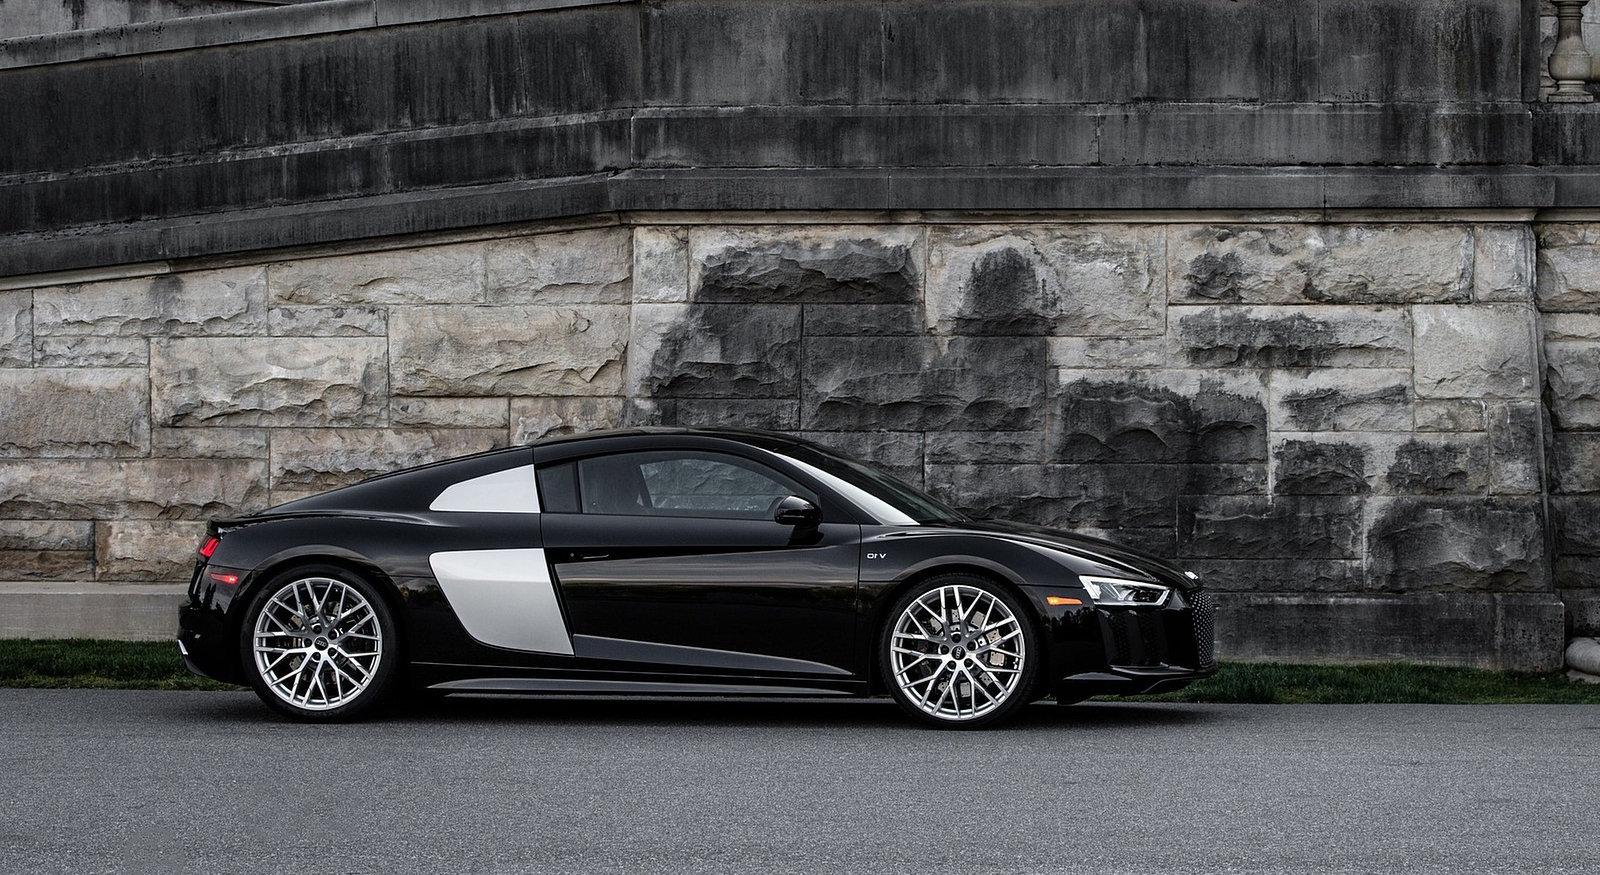 2017 audi r8 v10 and v10 plus specification - concept sport car design